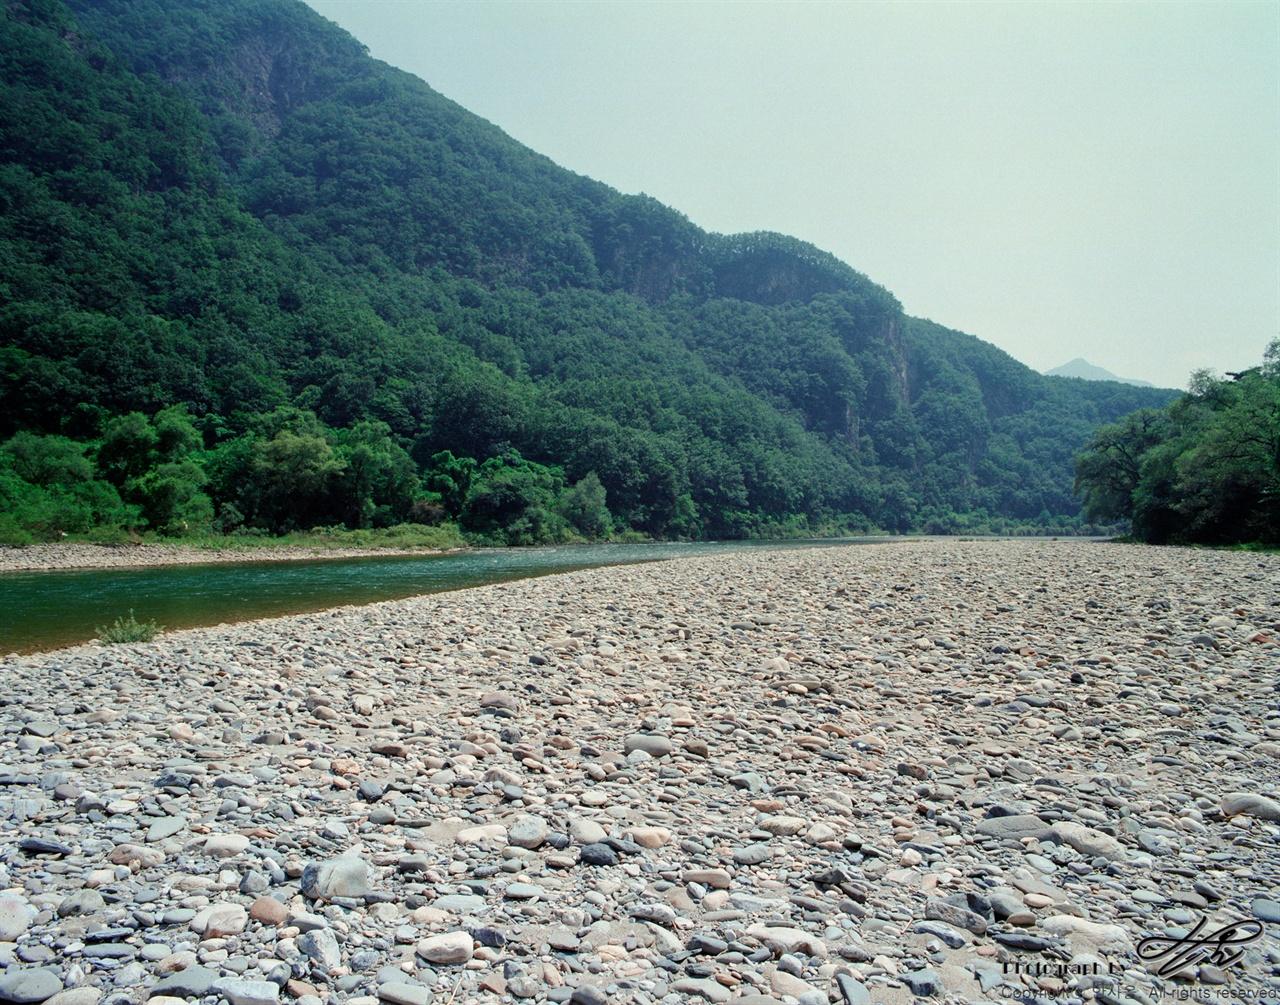 돌과 강 (6*7중형/Pro400H)시원한 소리를 내며 흐르고 있는 동강